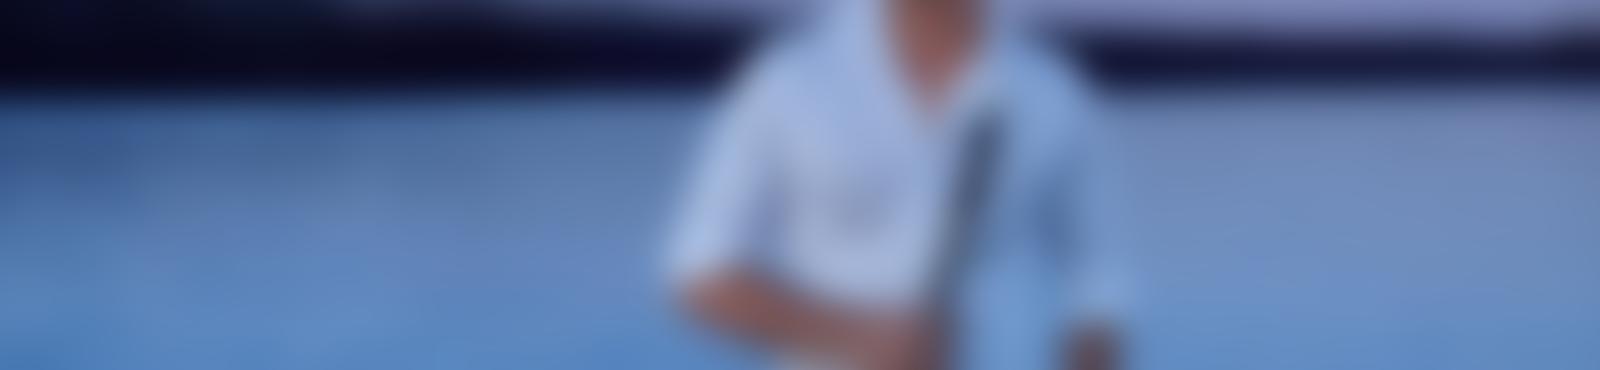 Blurred 5bf743cd 15a9 49d3 85aa a99f07523dcd